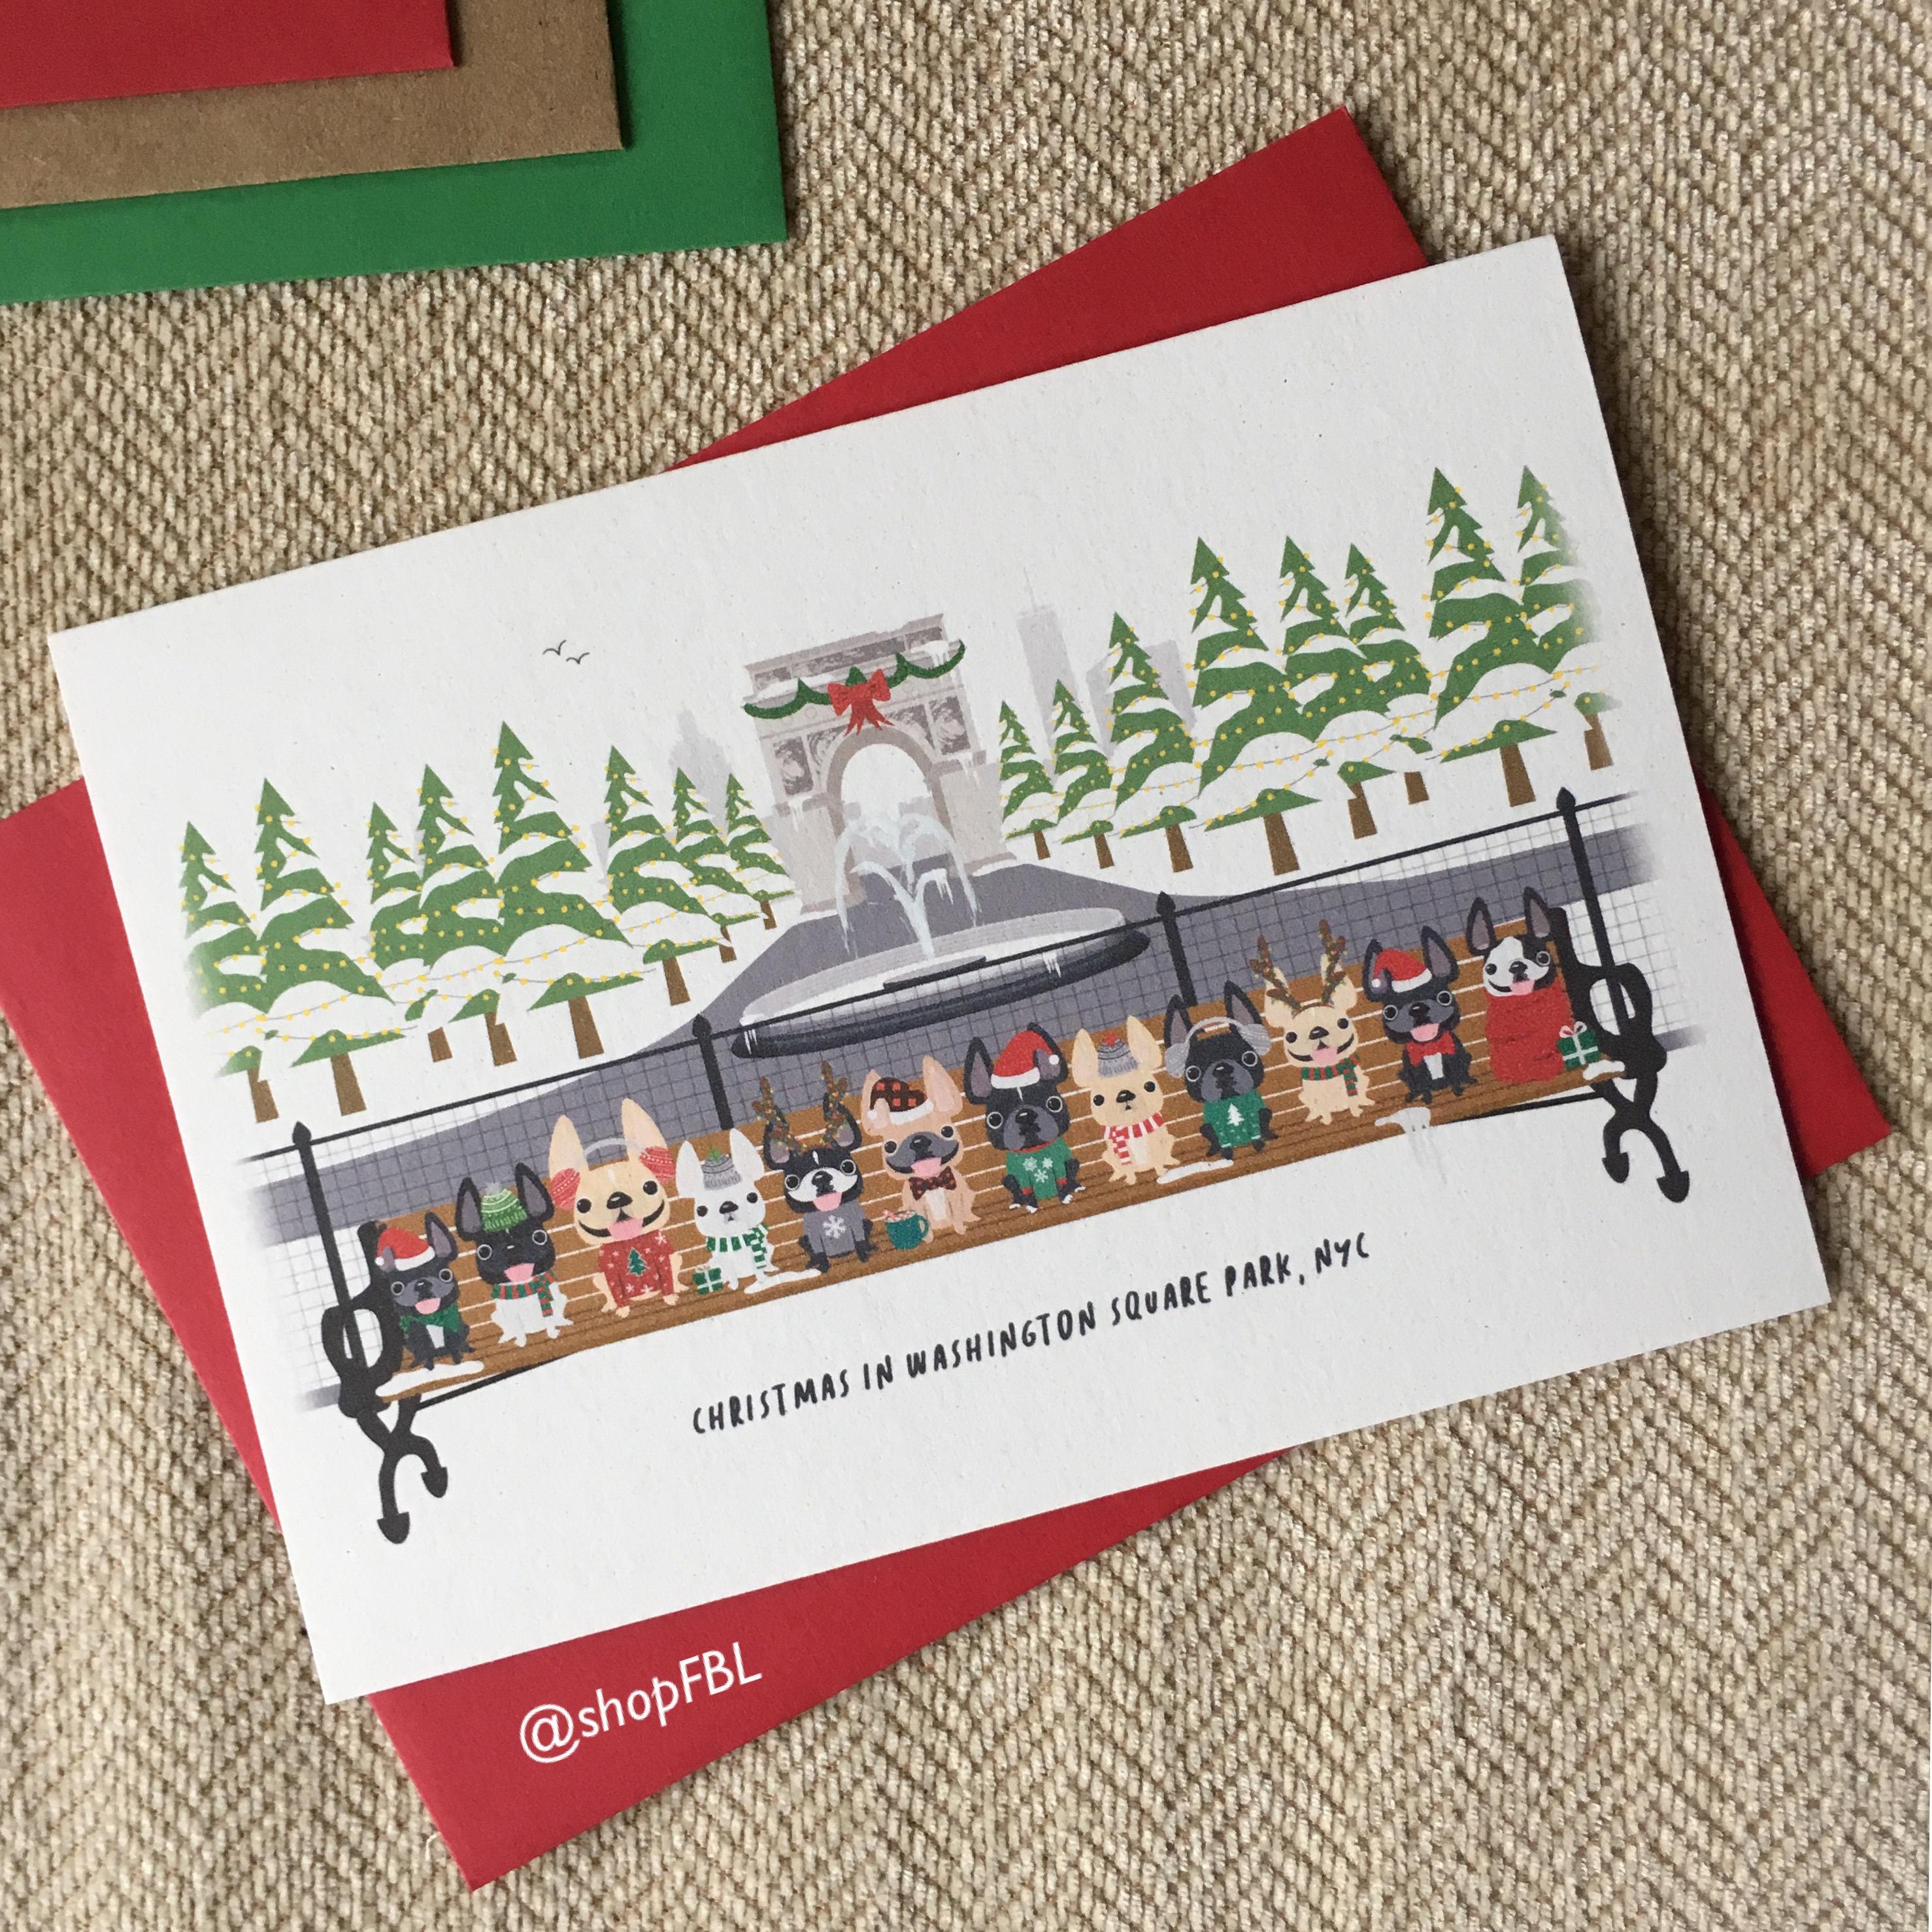 Weihnachten in Washington Square Park NYC handgemachte